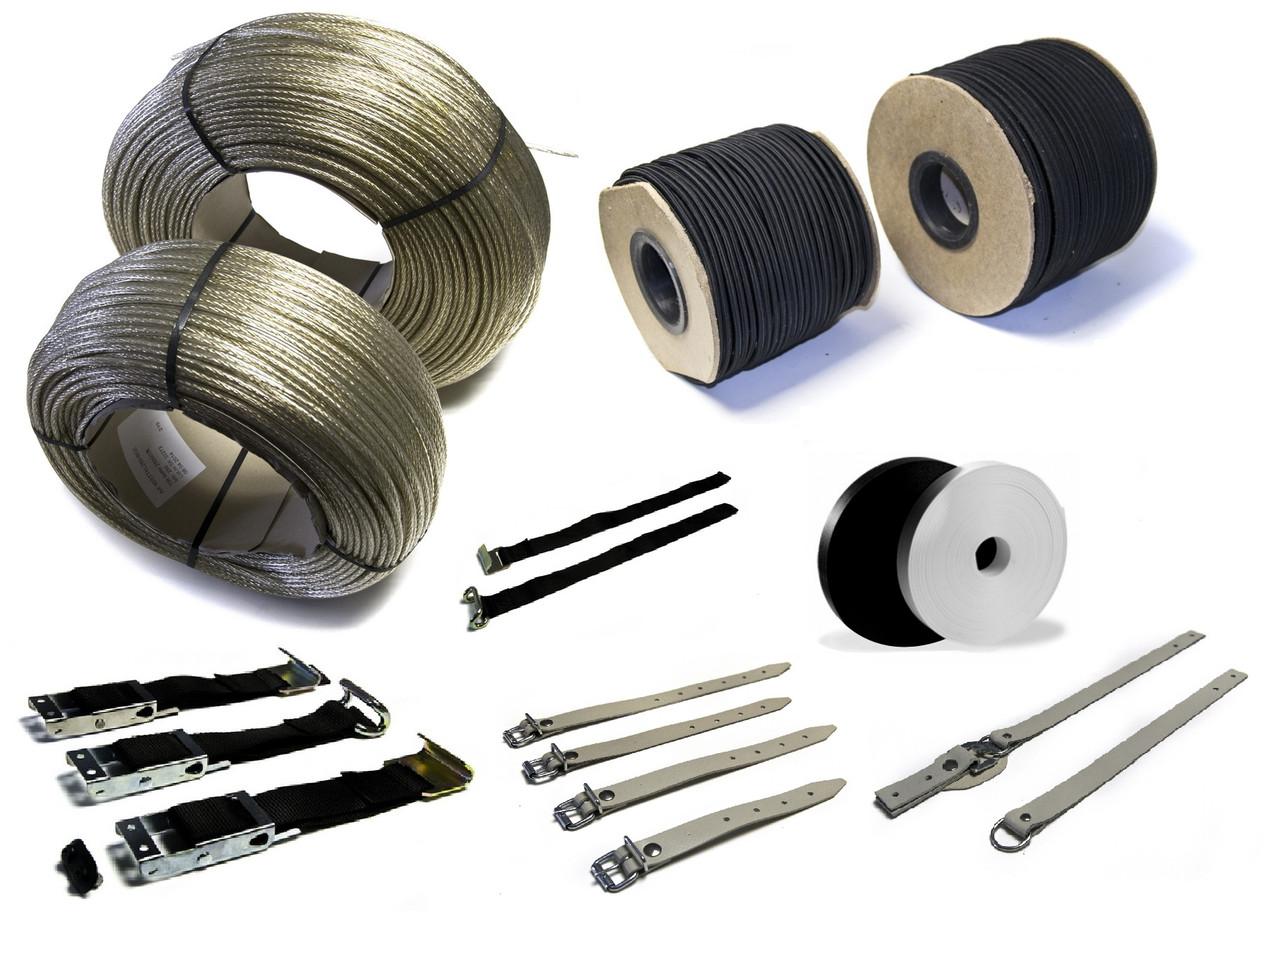 Ремни, эспандер- резинка тента, пассики, стропы, ленты (тесьмы) для крепления тентов